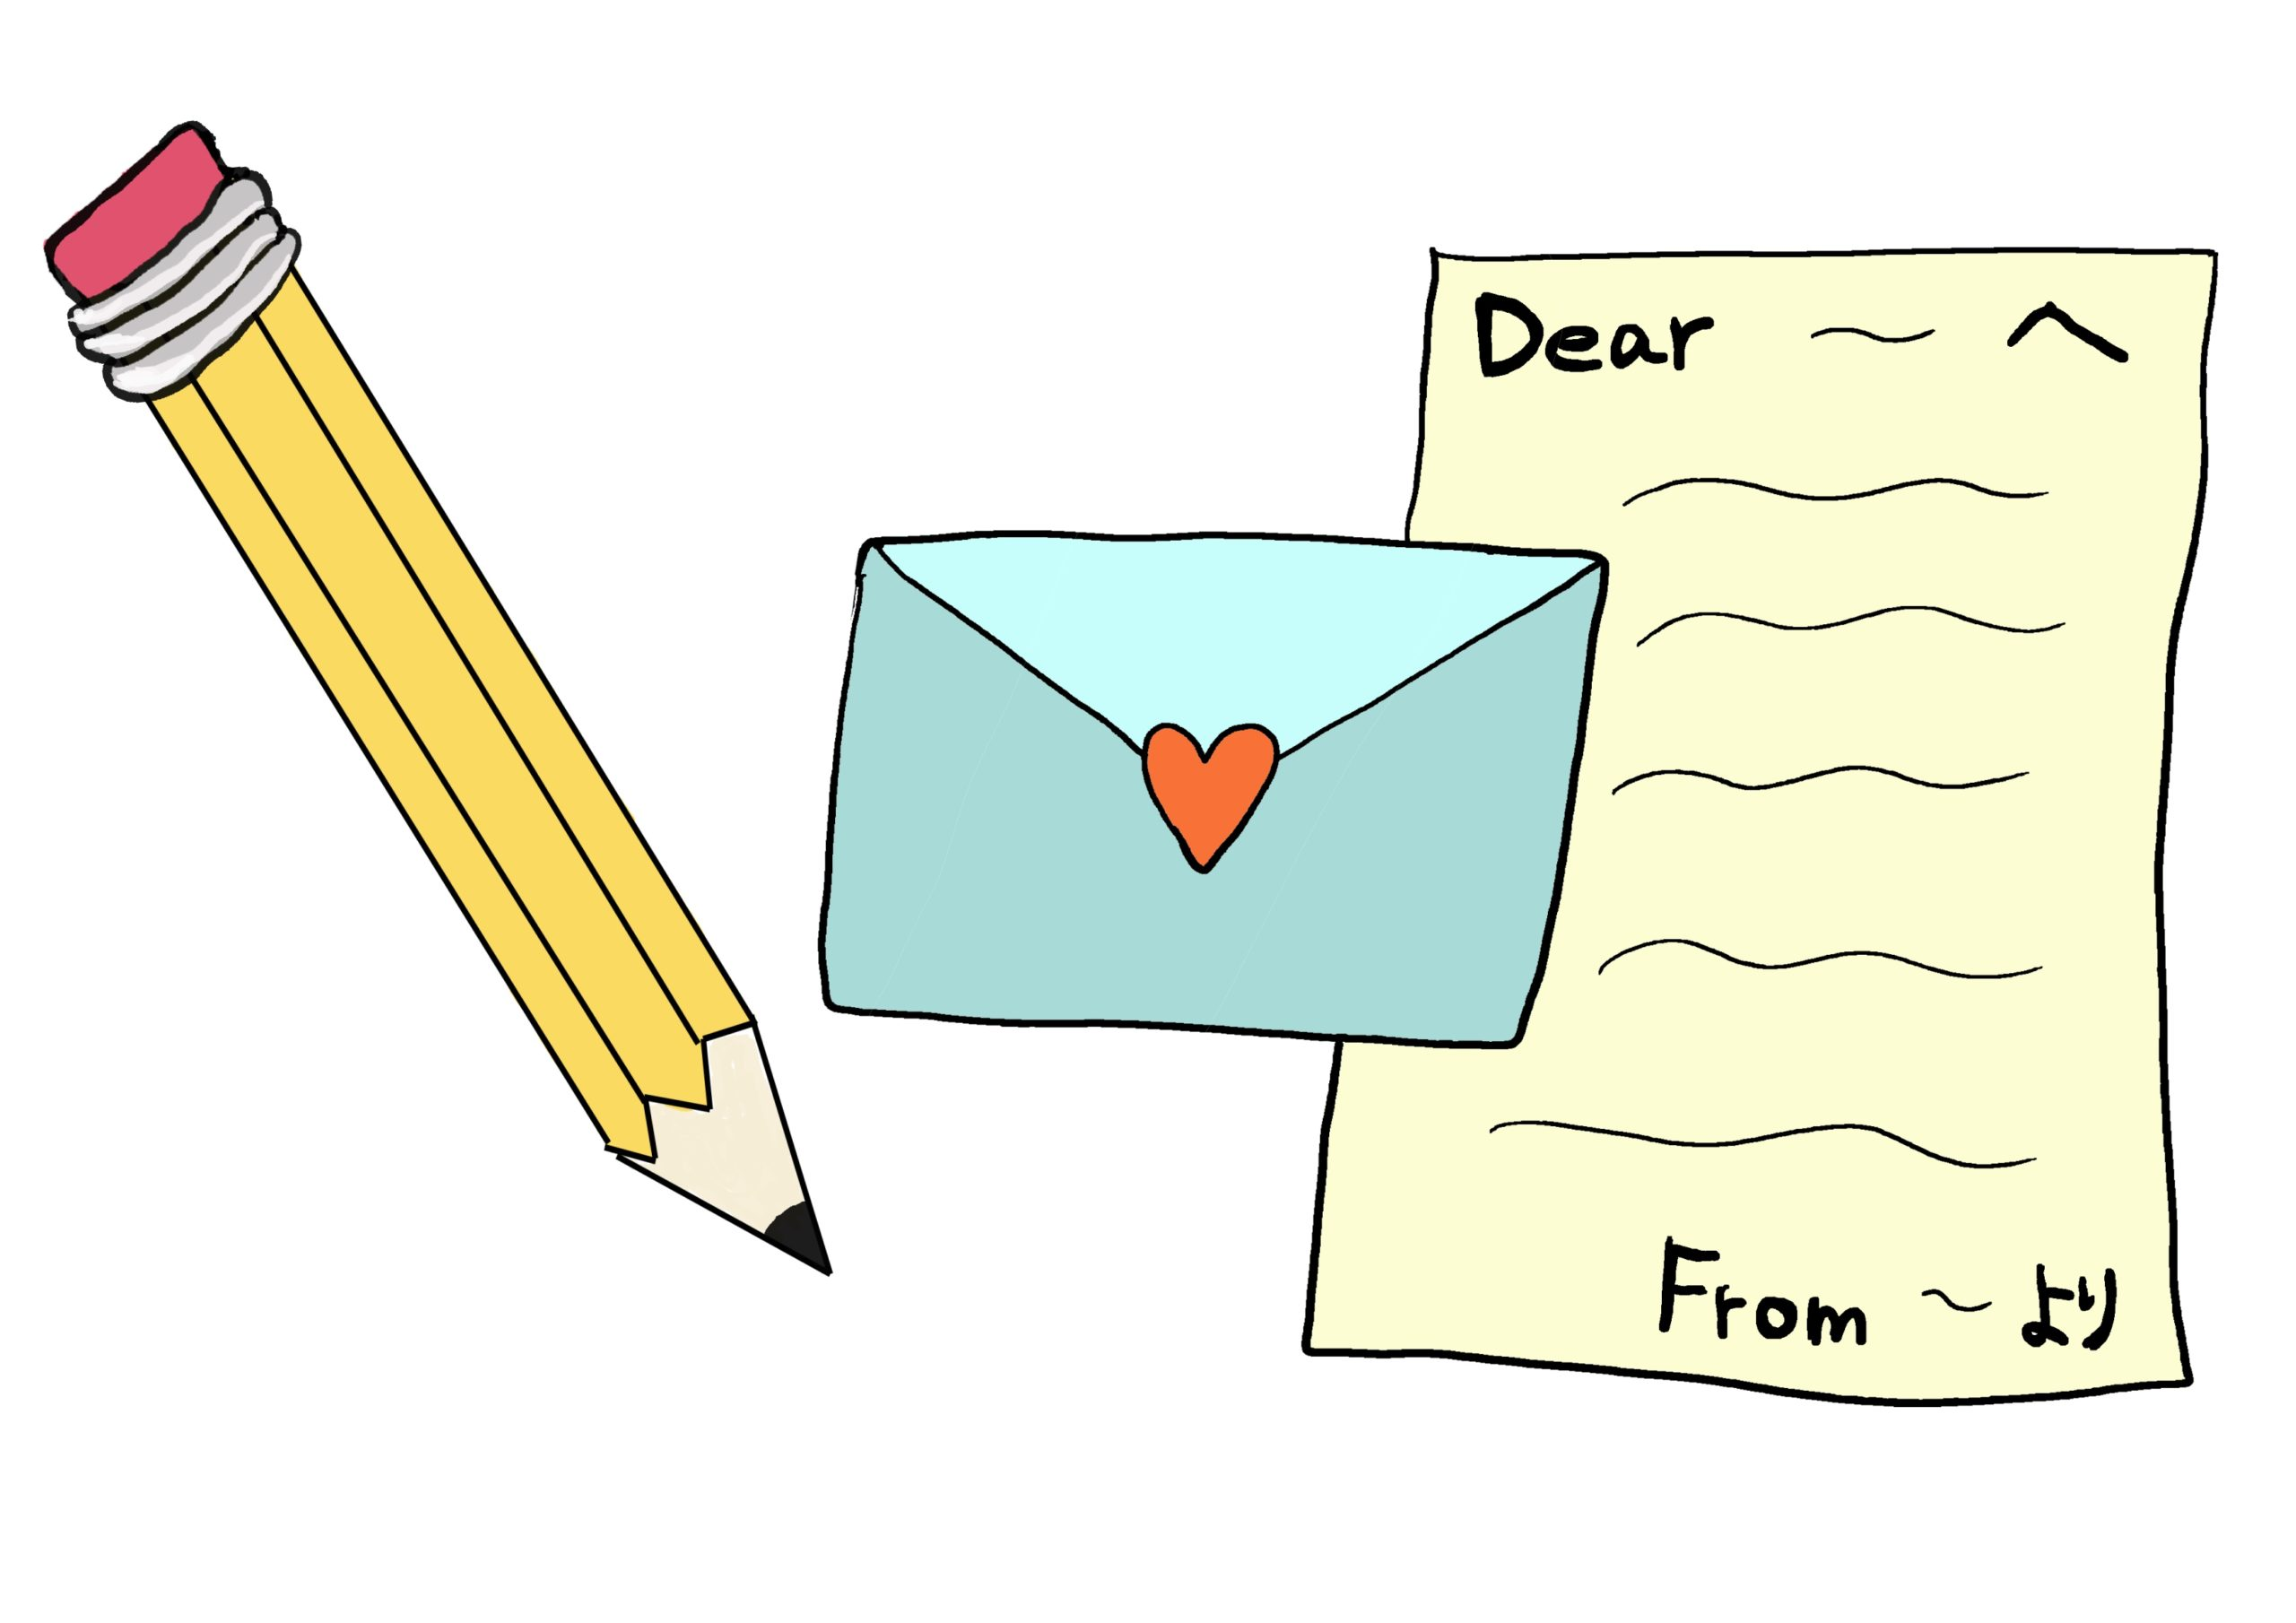 7課イラスト【えんぴつで手紙を書く】